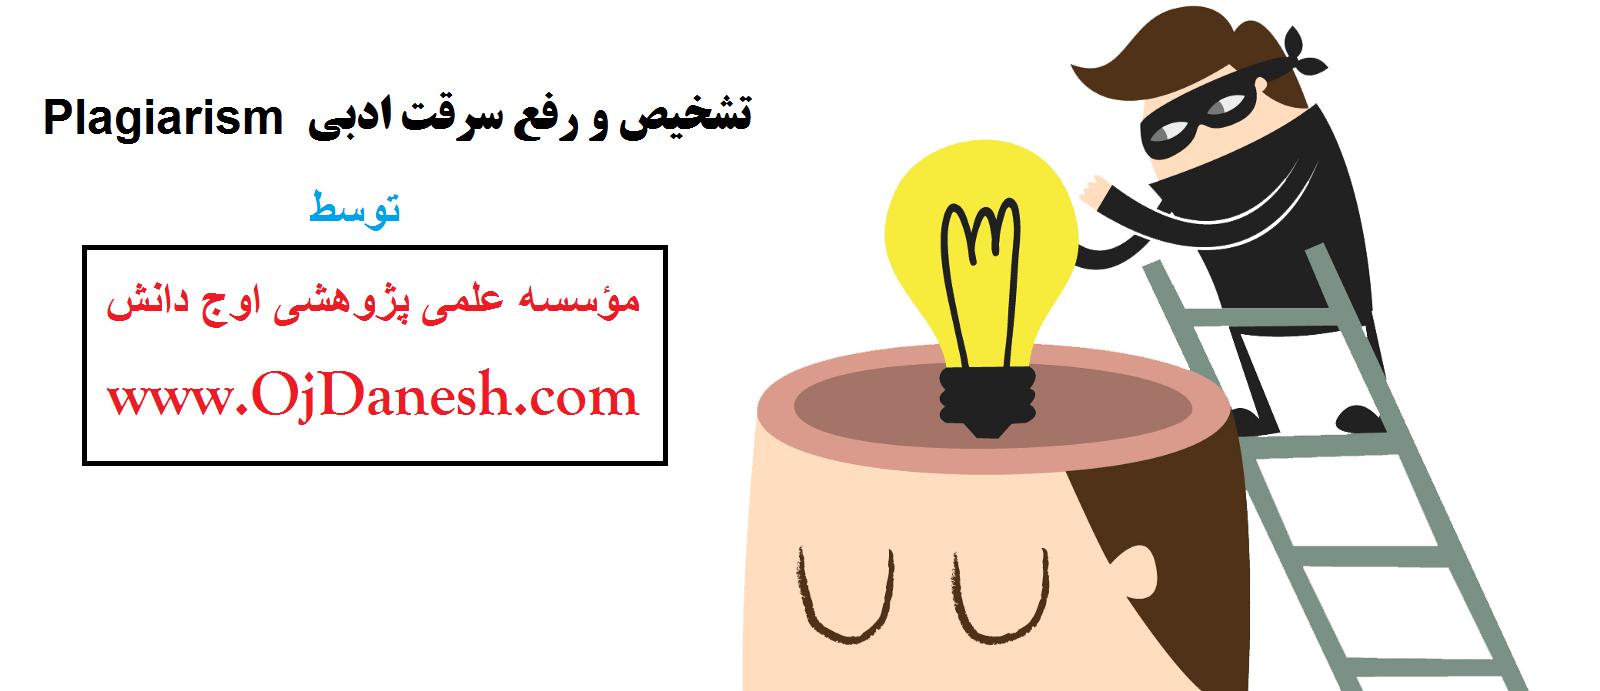 تشخیص سرقت ادبی و رفع پلاژیاریسم Plagiarism